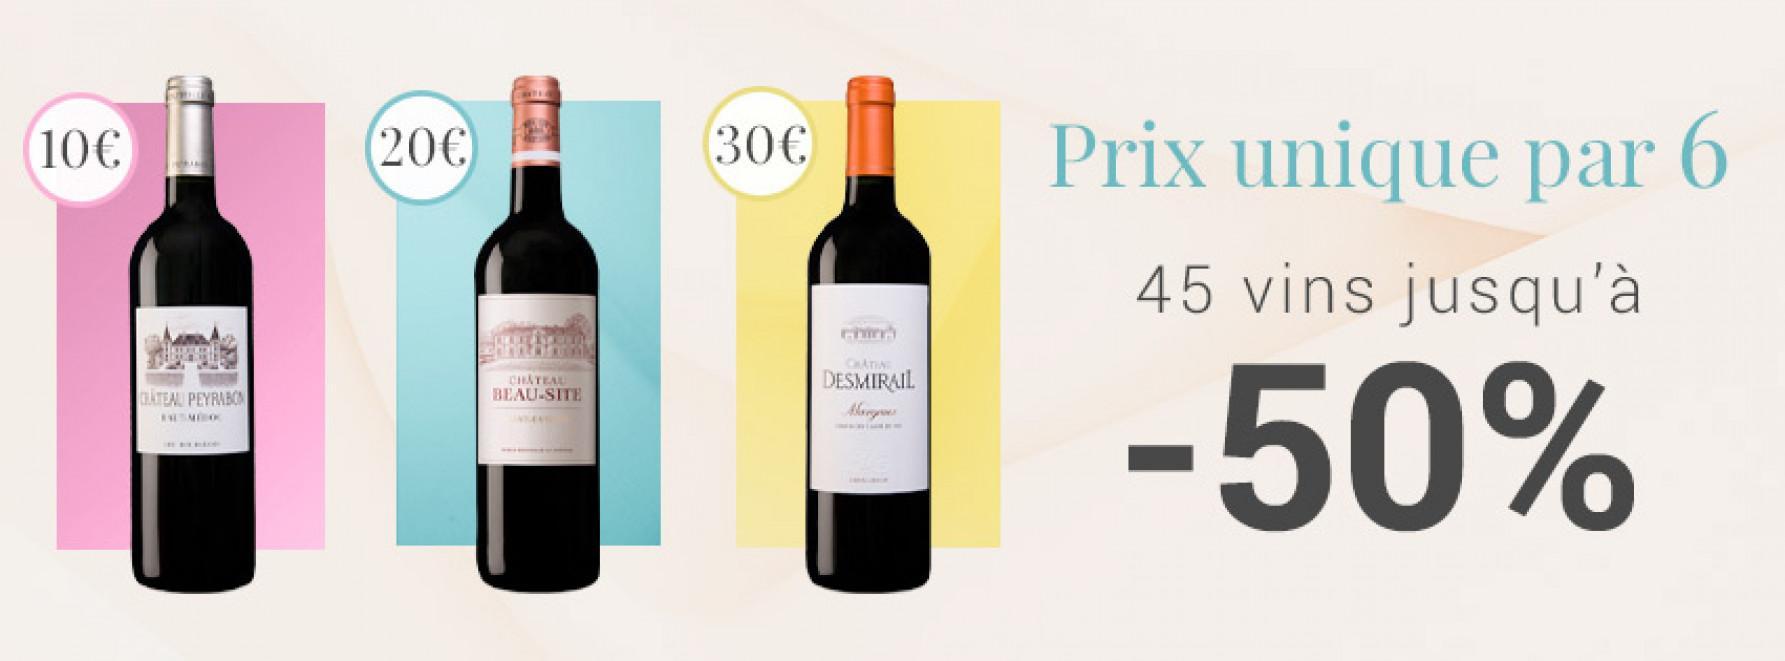 Prix unique par 6 : 10€ - 20€ - 30€